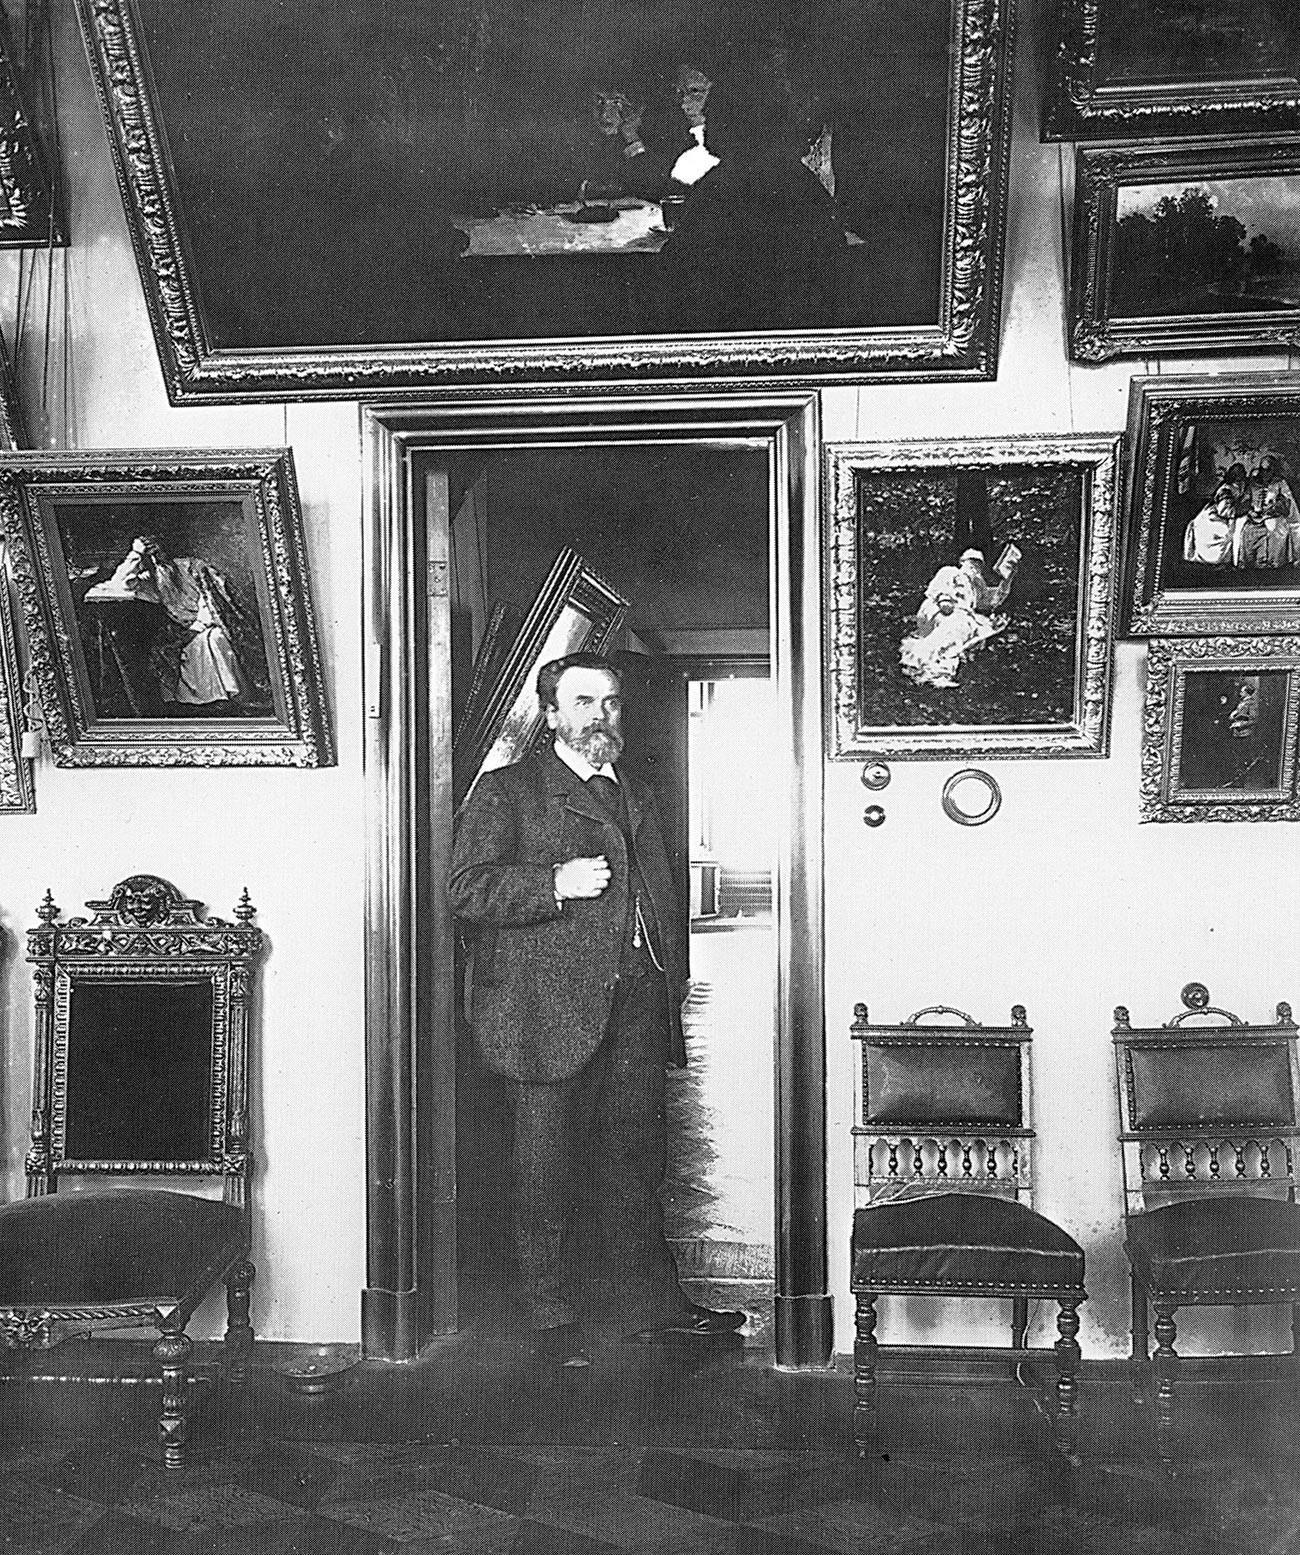 I.E.Cvetkov v notranjosti lastne hiše